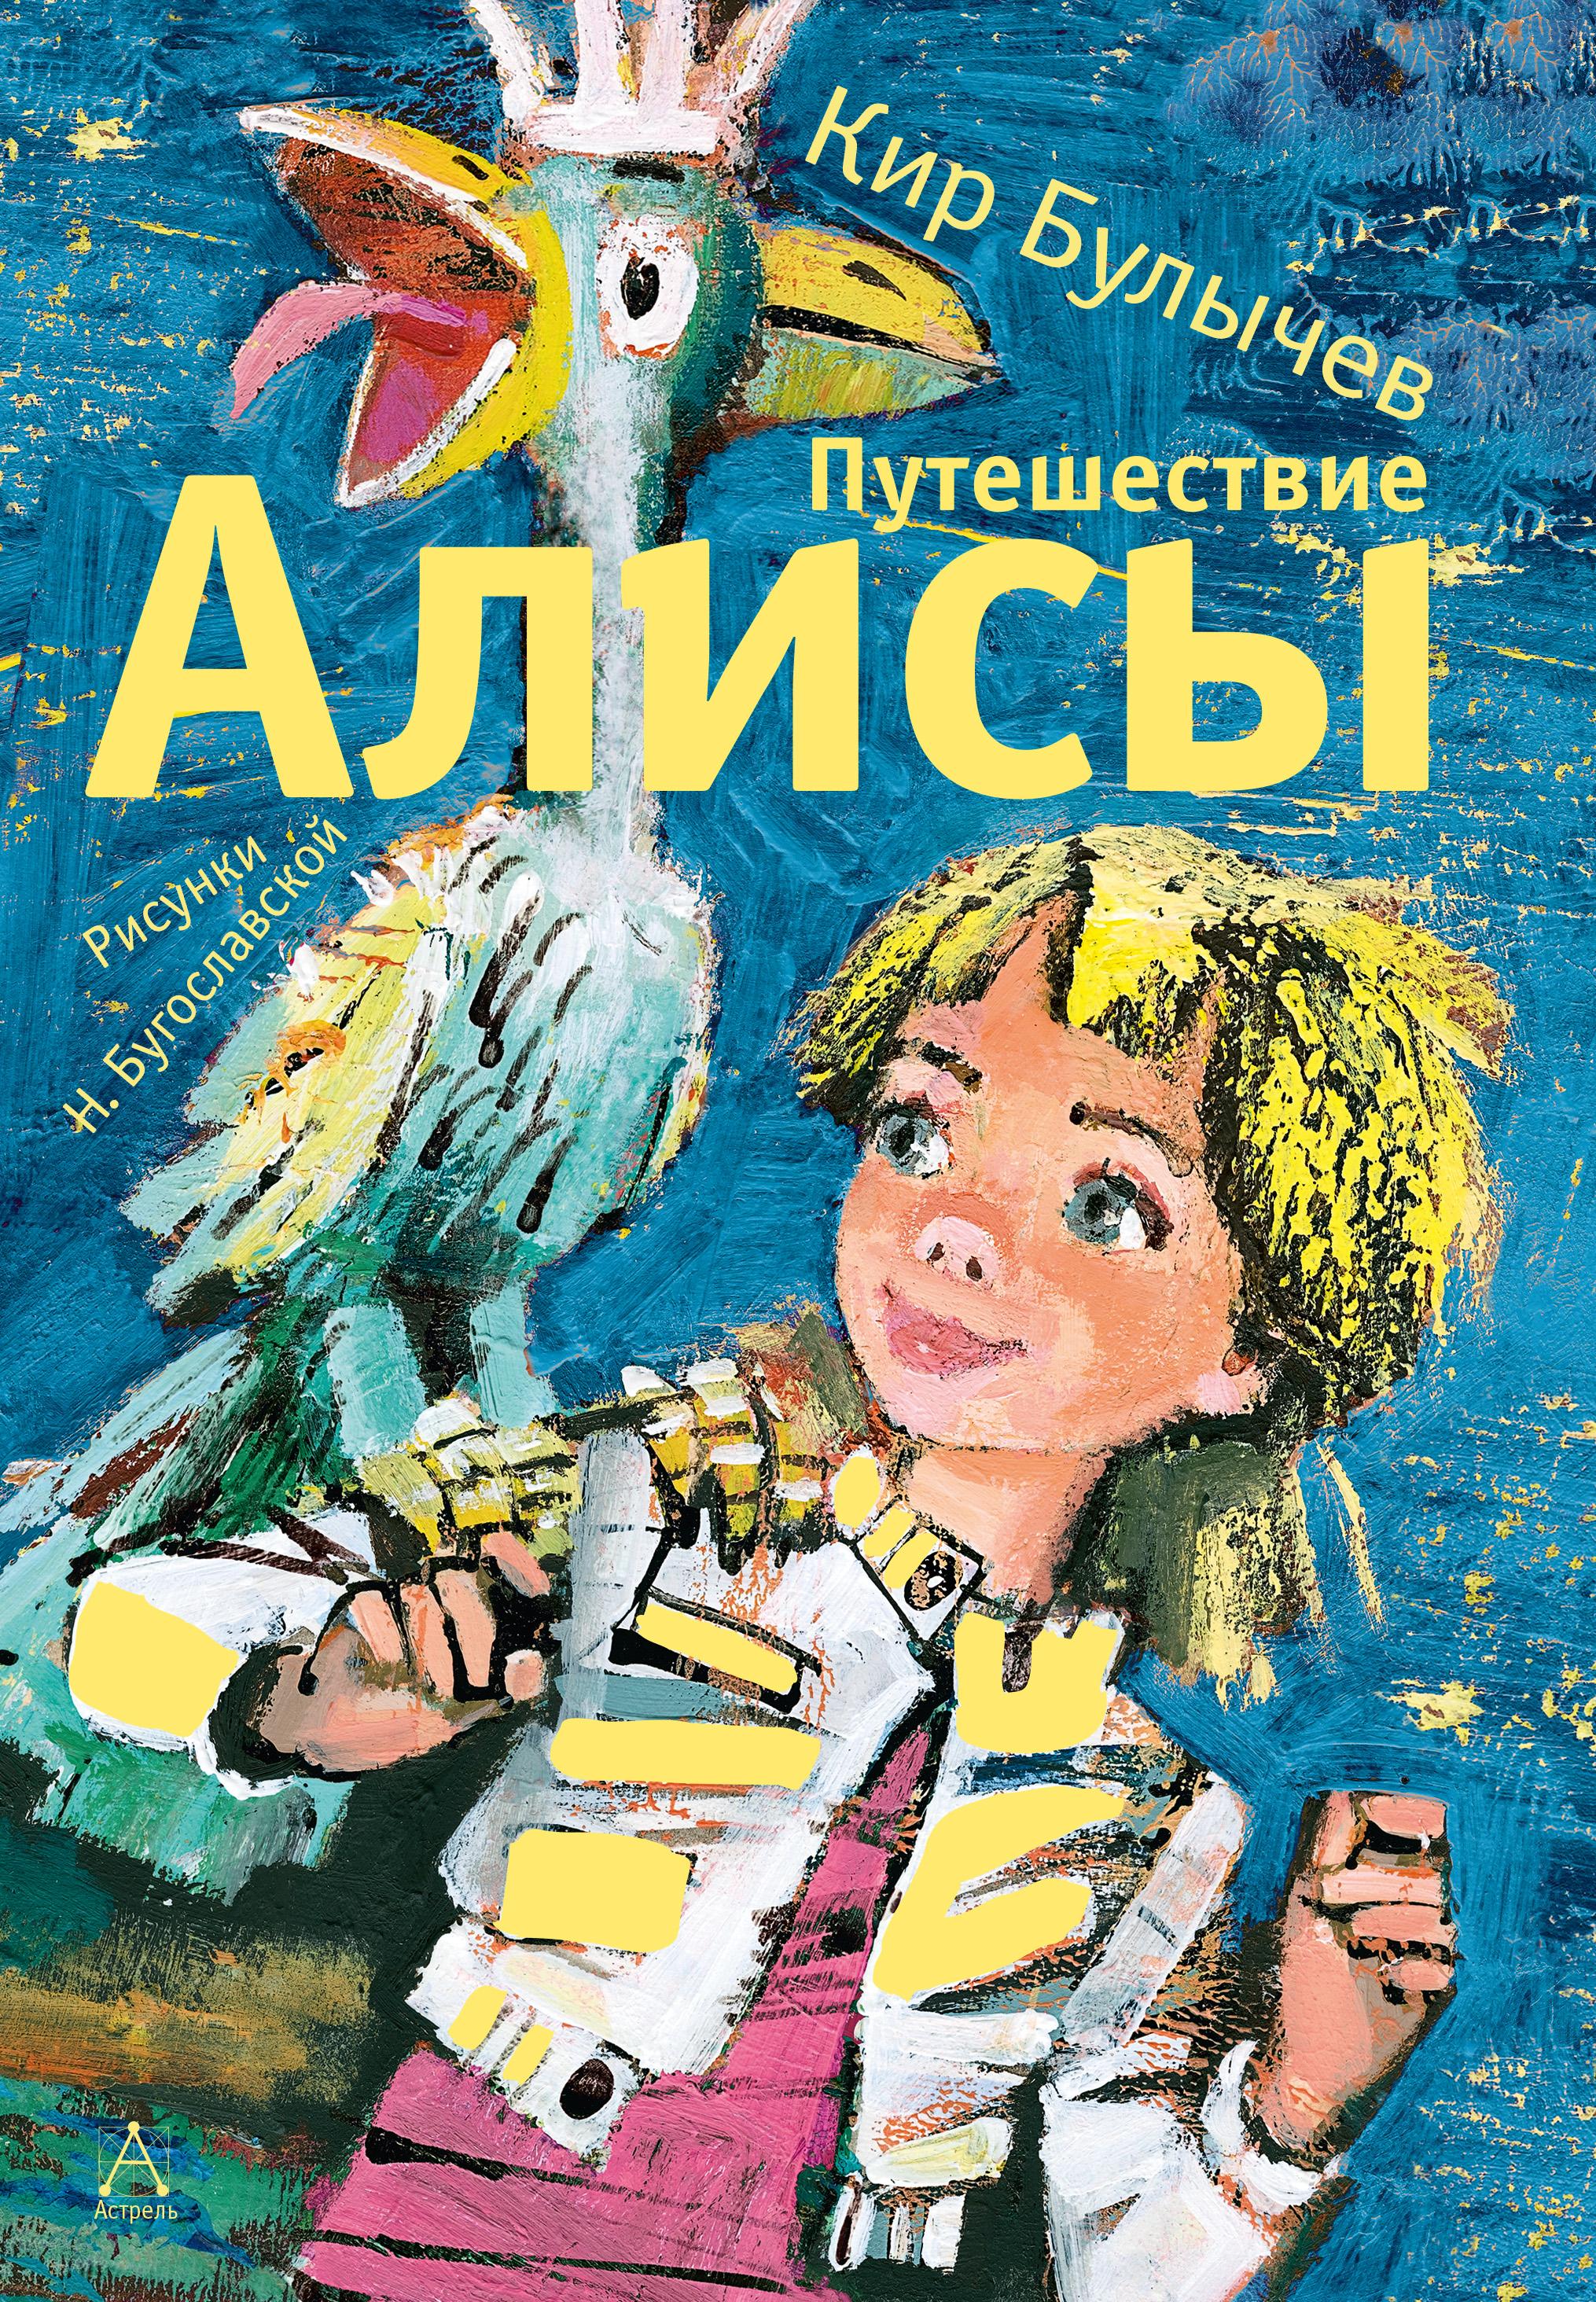 Кир Булычев Путешествие Алисы кир булычев путешествие алисы тайна третьей планеты спектакль